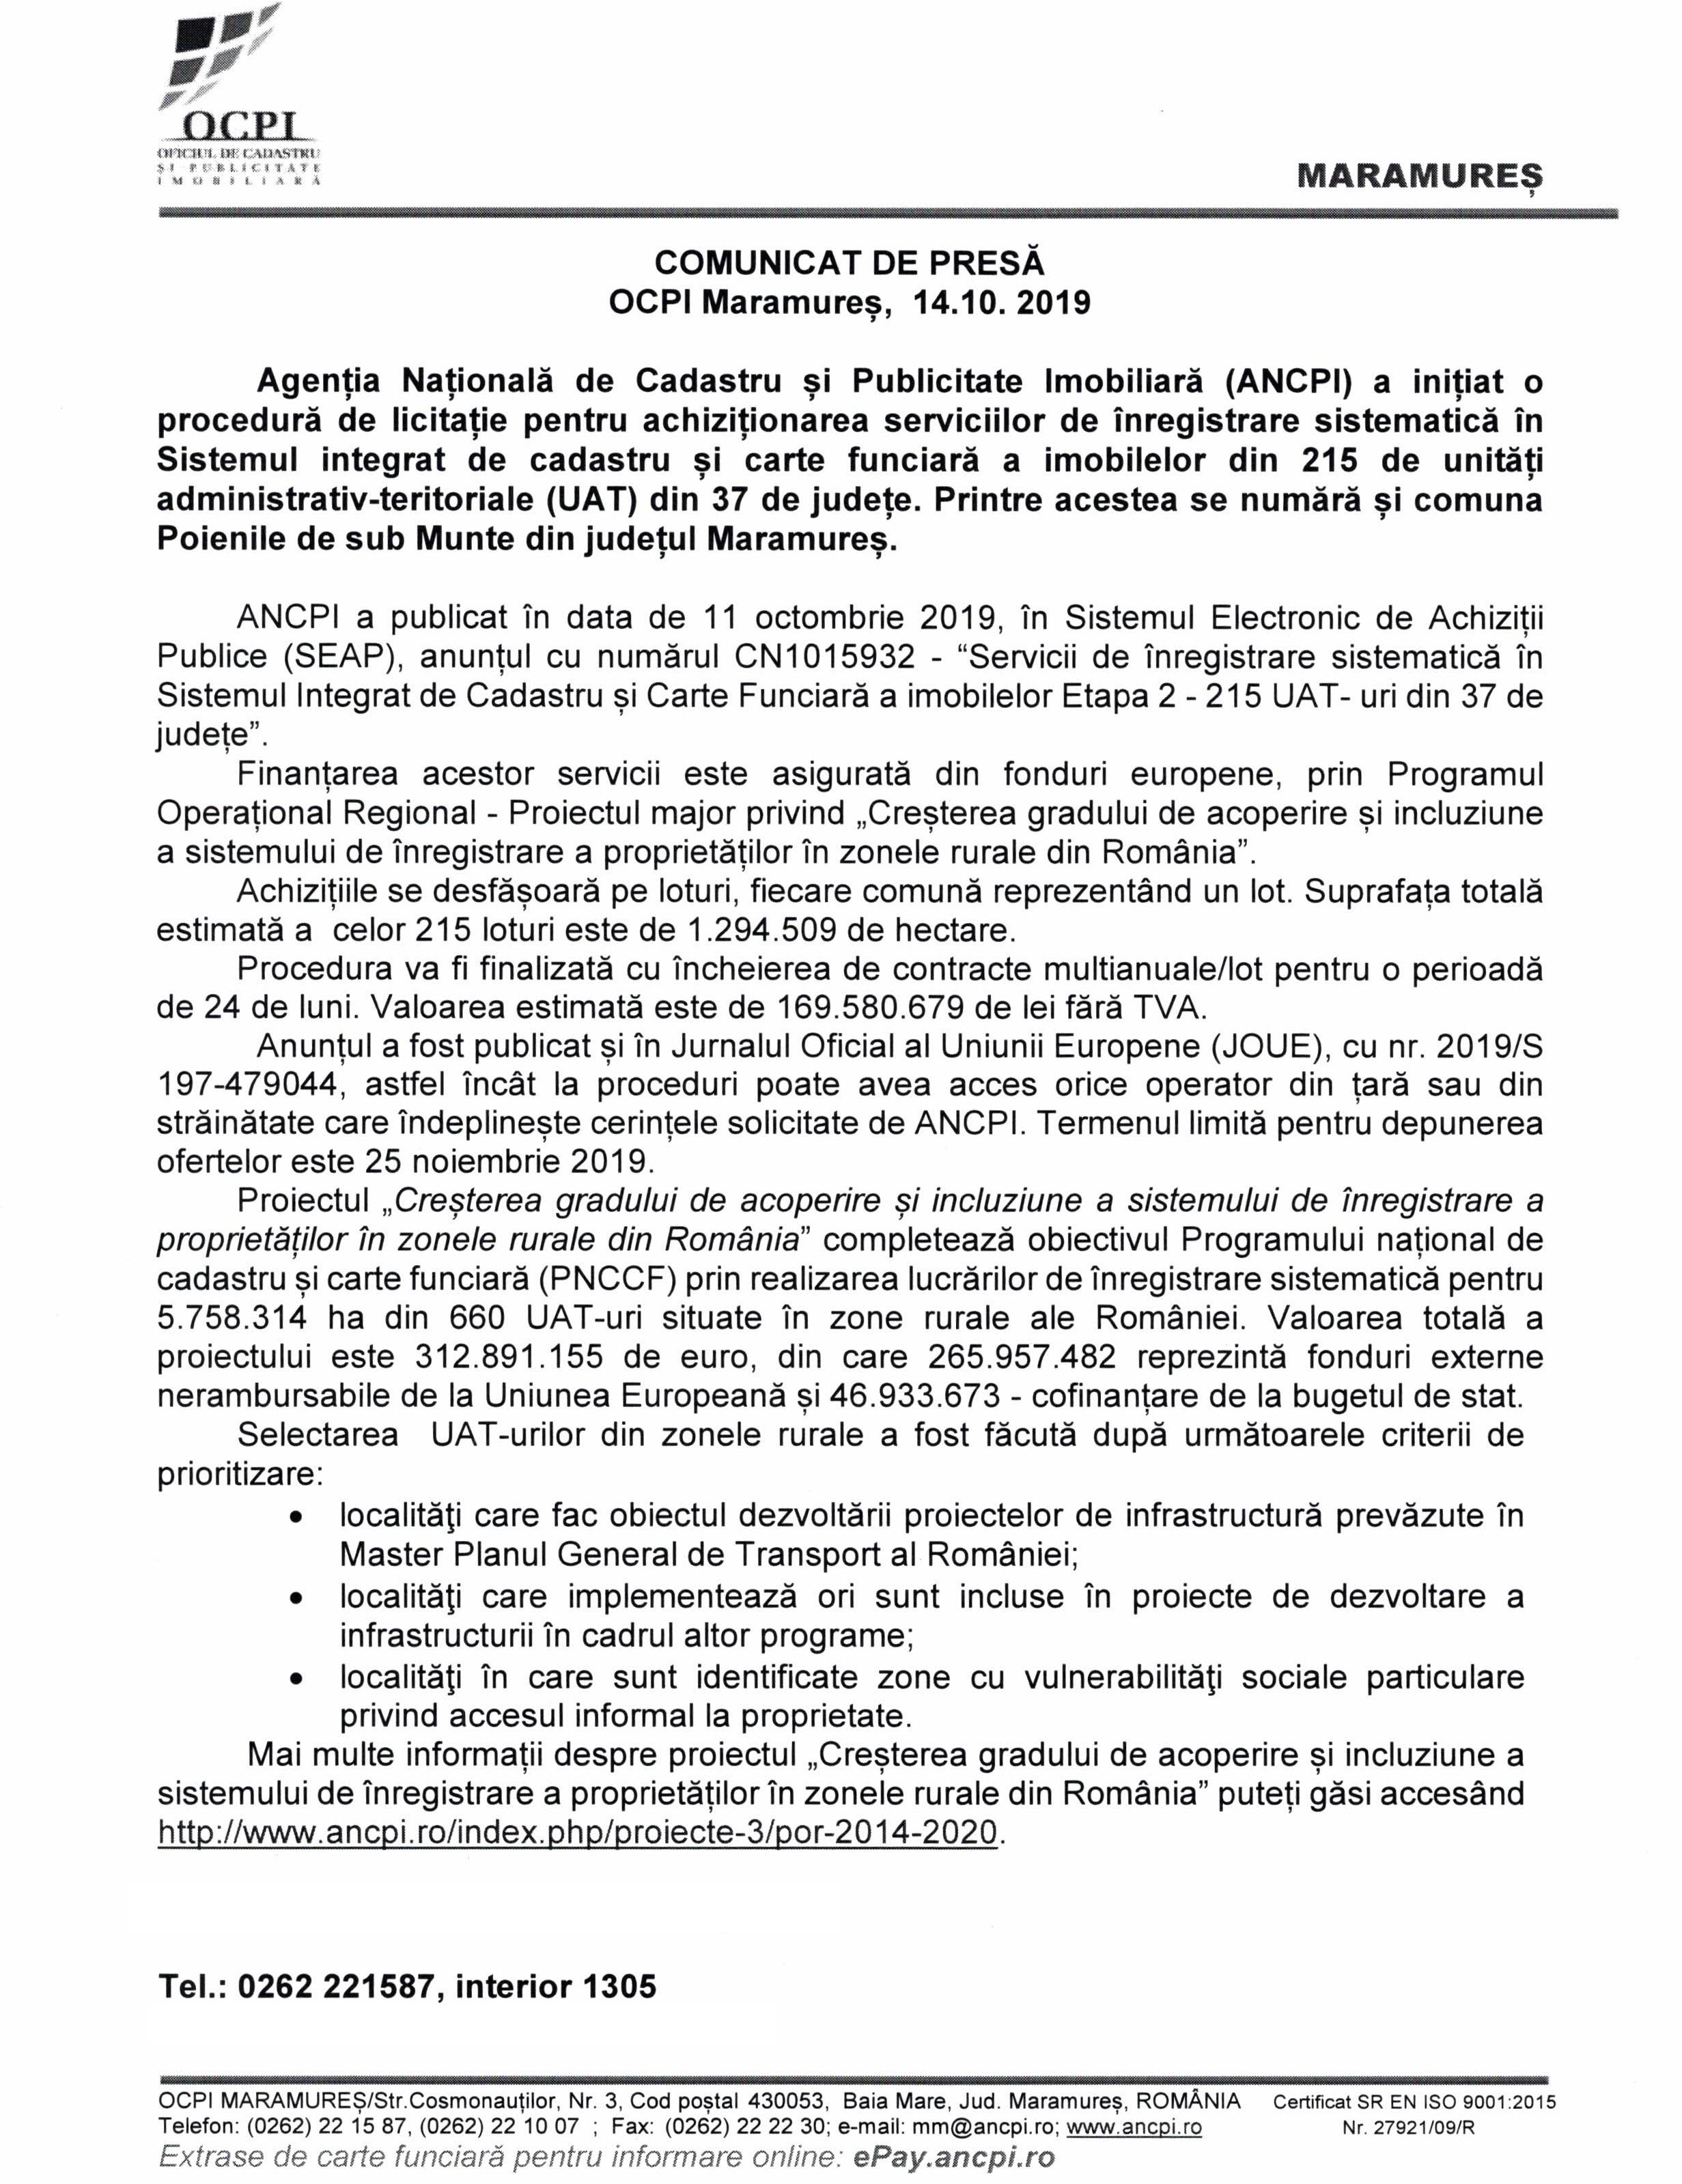 """COMUNICAT DE PRESĂ. """"Servicii de înregistrare sistematică în cadrul Sistemului intergrat de cadastru și carte funciară a imobilelor din 215 UAT -uri din 37 de județe, incluzând comuna Poienile de sub Munte din județul Maramureș"""